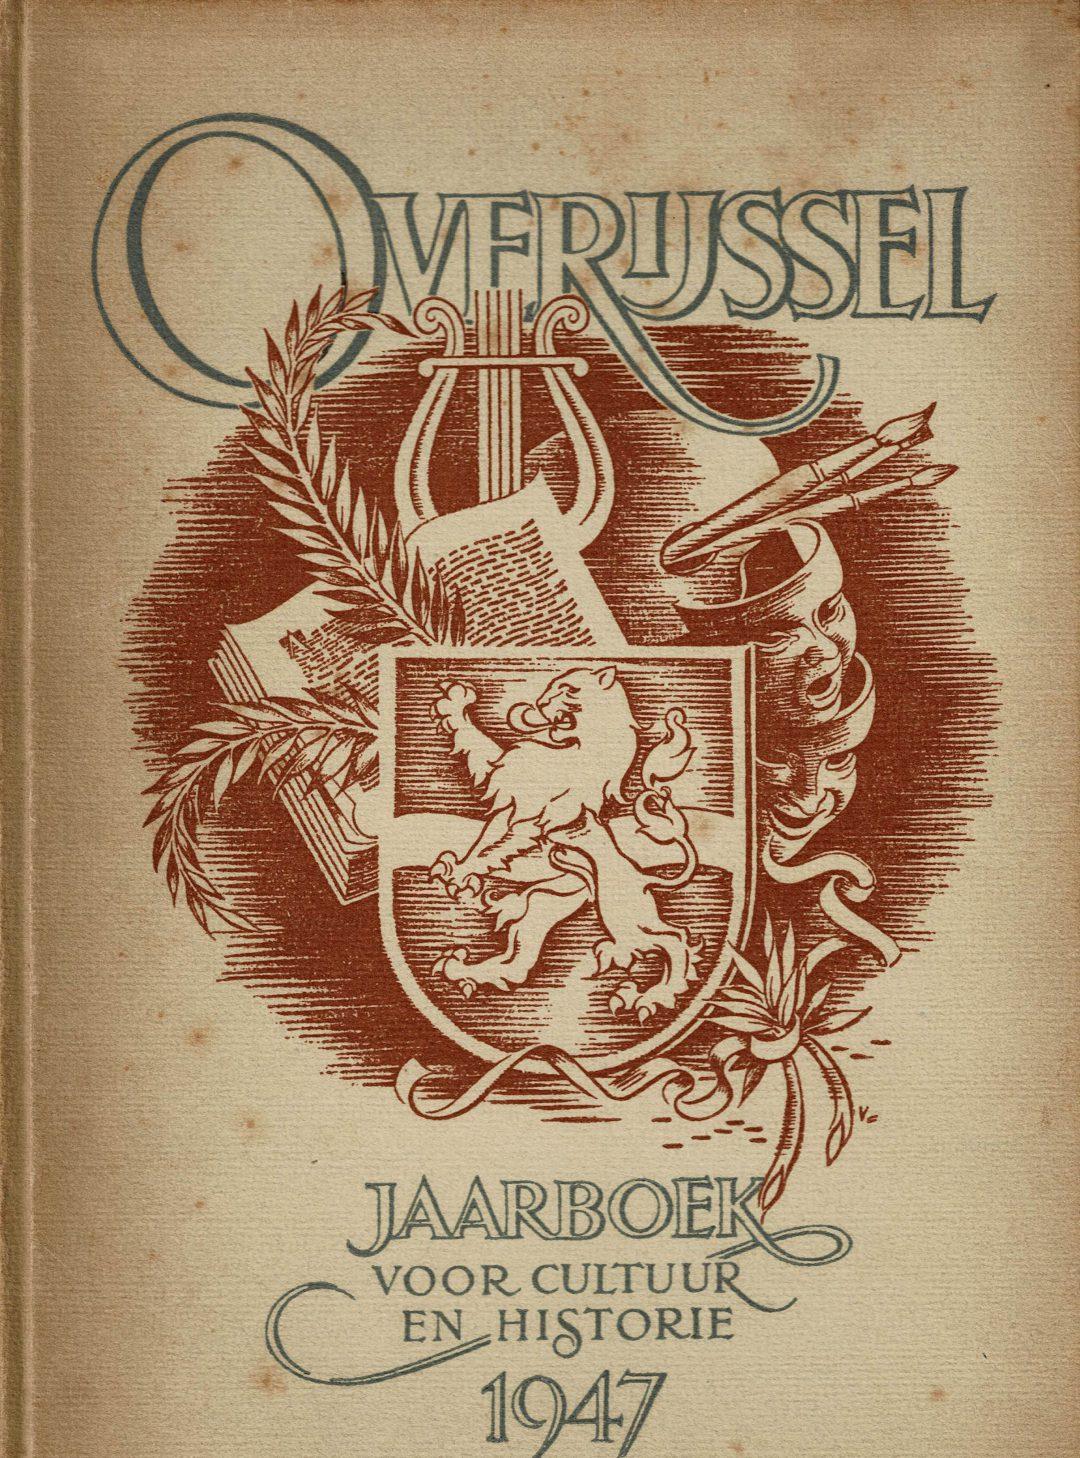 Johanna van Buren in Jaarboek Overijssel 1947